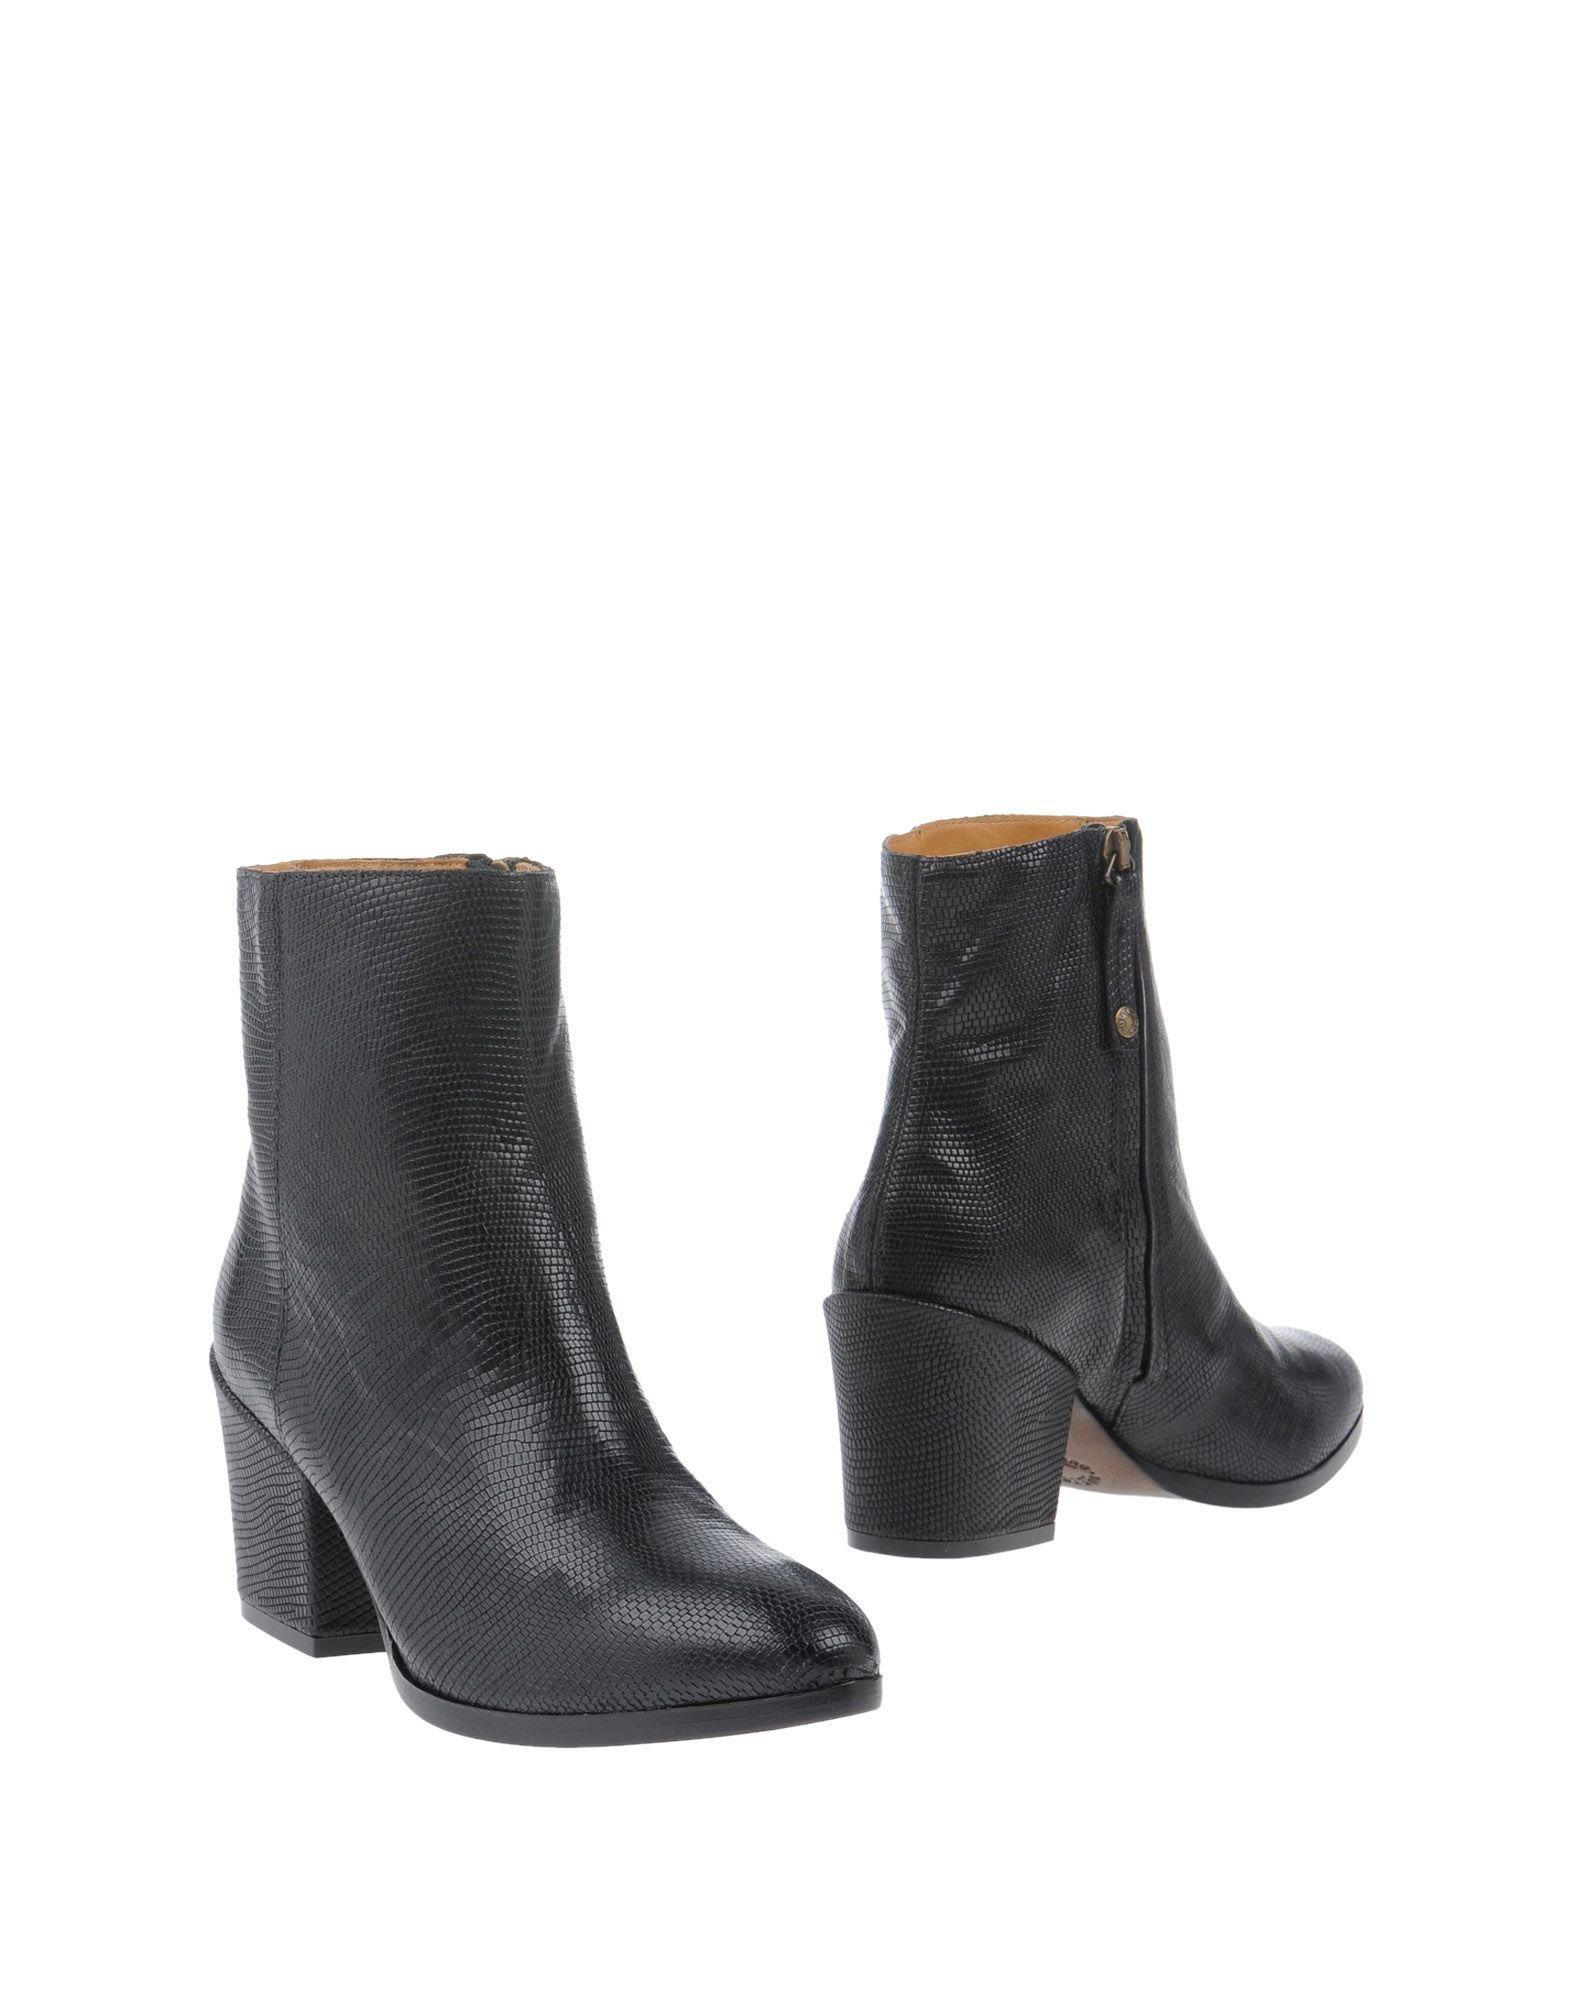 BUTTERO Damen Stiefelette Farbe Schwarz Größe 8